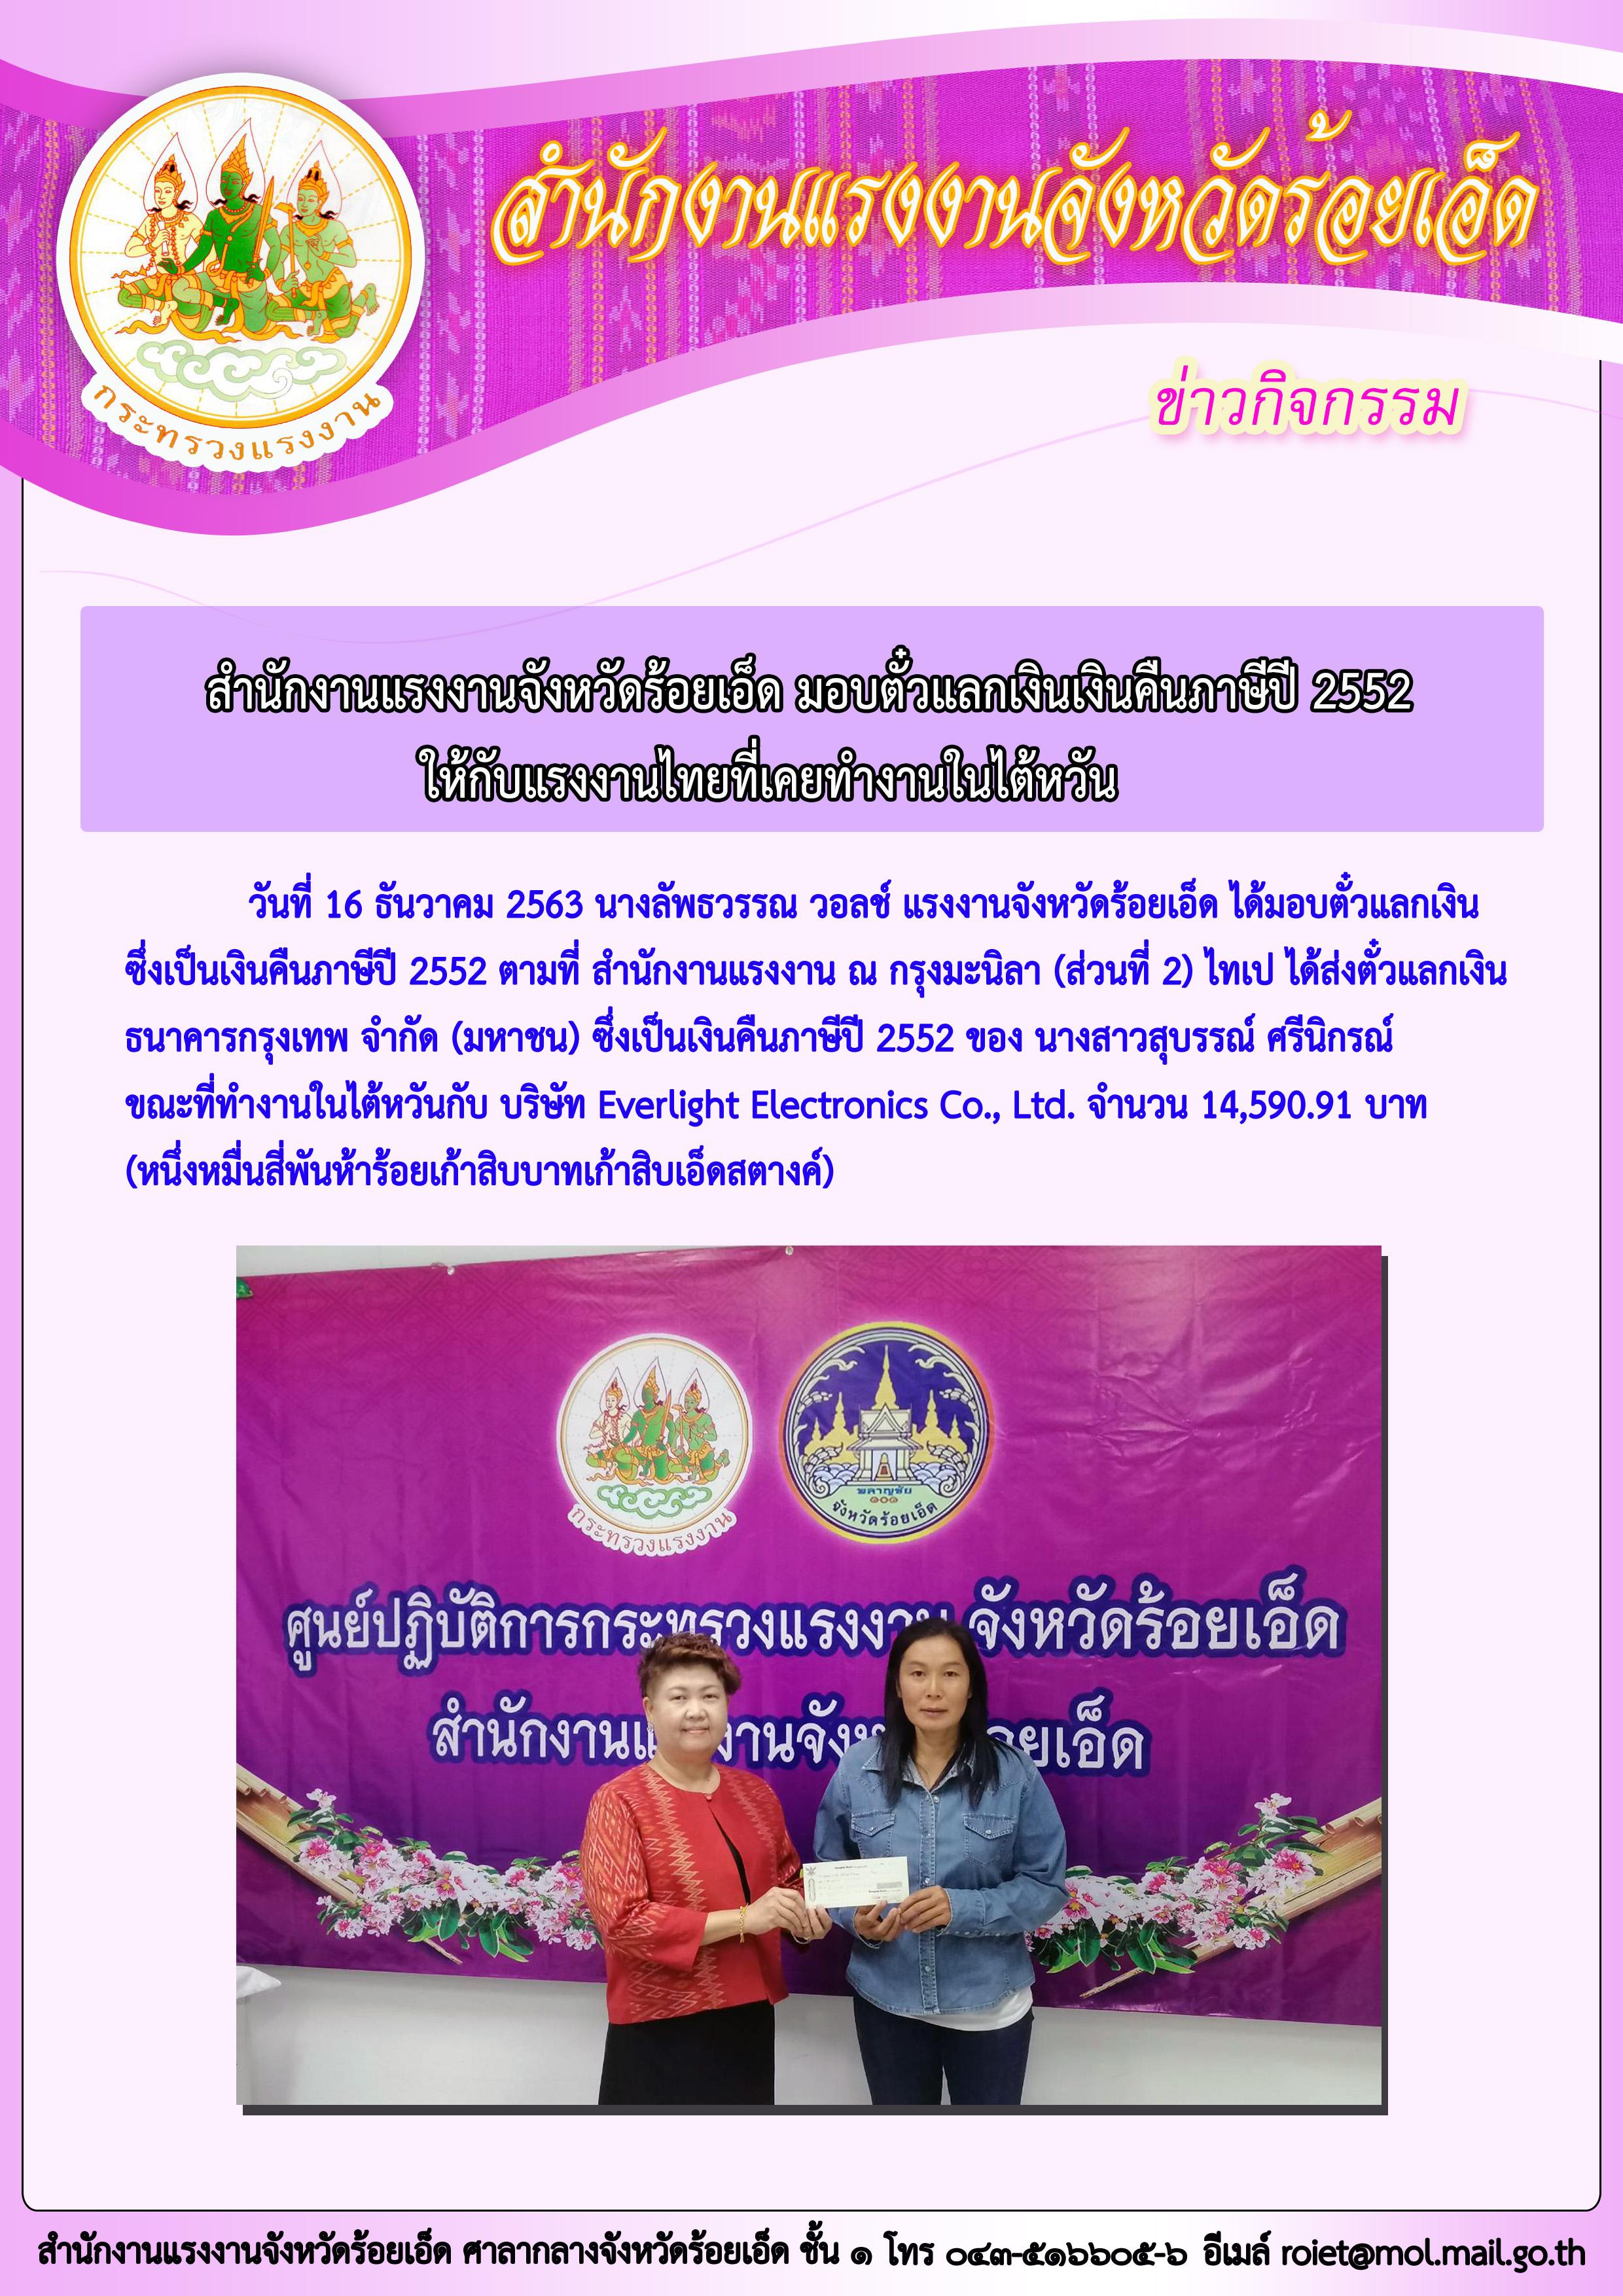 สำนักงานแรงงานจังหวัดร้อยเอ็ด มอบตั๋วแลกเงินคืนภาษีปี 2552 ให้กับแรงงานไทยที่เคยทำงานในไต้หวัน